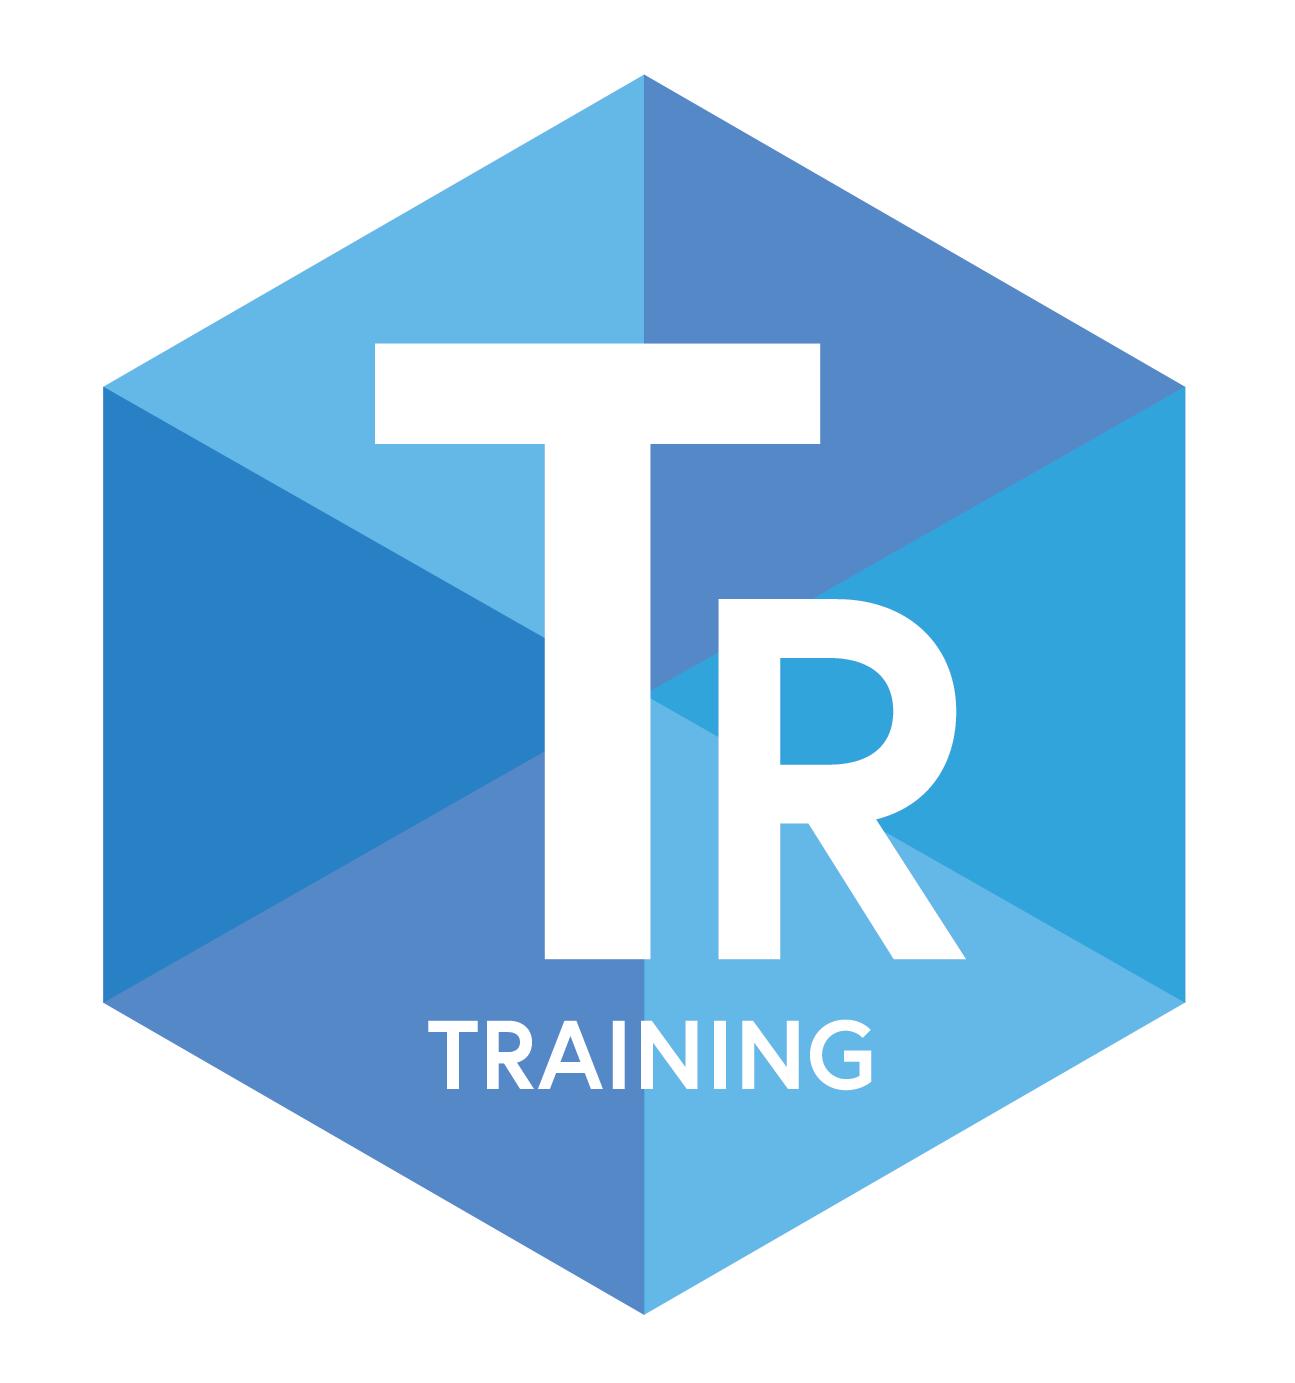 WatchGuard Training Schedule